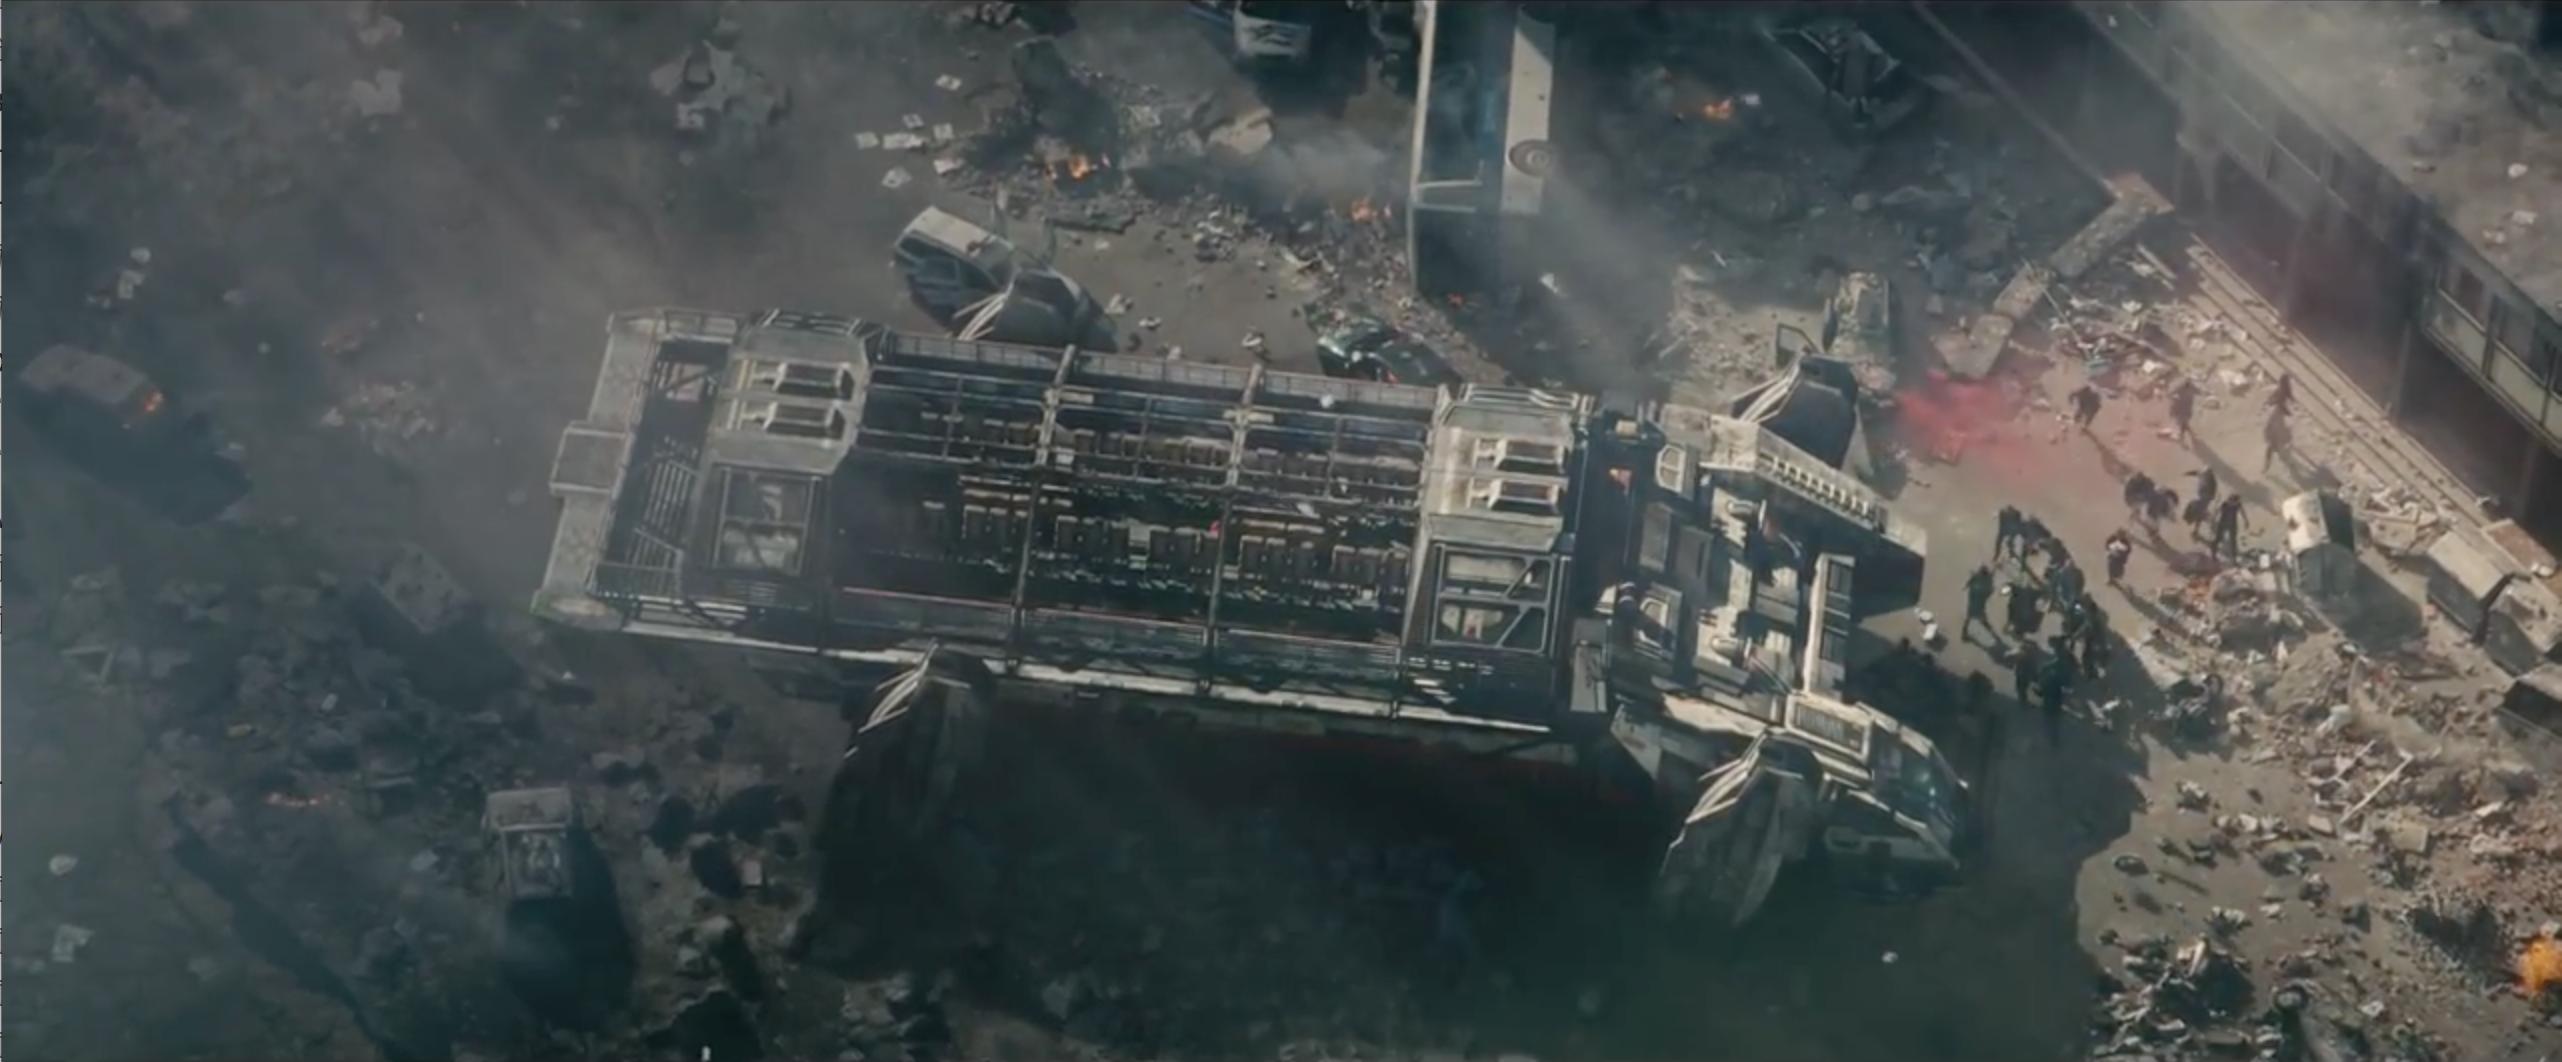 Avengers: Age of Ultron - distruzione di massa dal full trailer del film